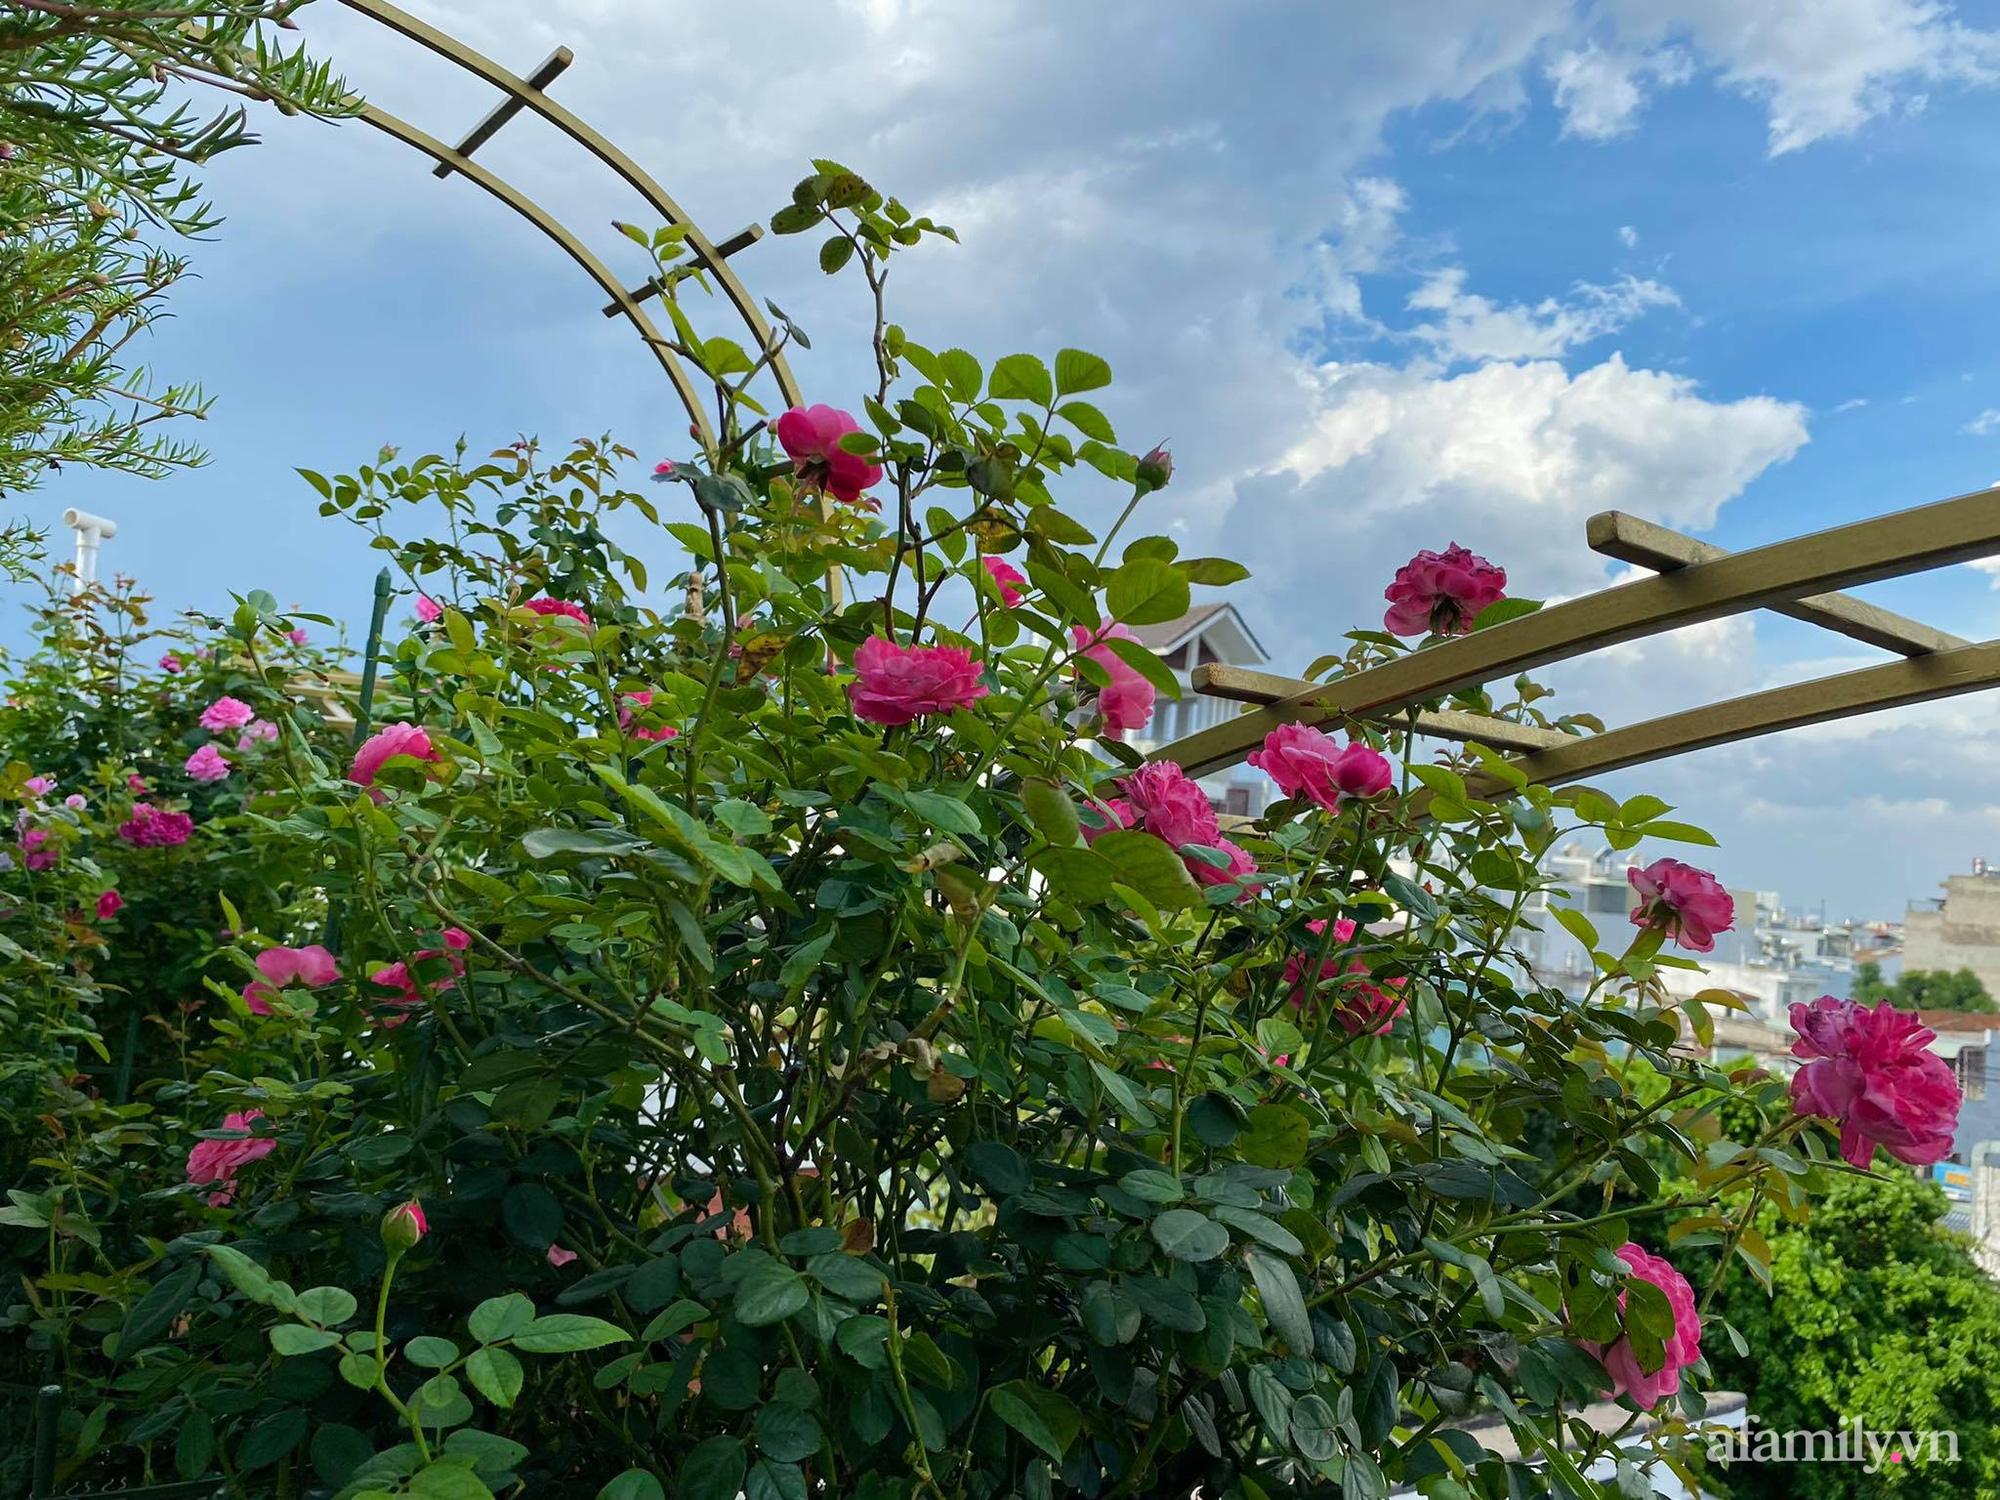 Sân thượng phủ kín hoa hồng và rau quả sạch được chăm chút nhờ bàn tay khéo léo của Hoa hậu Janny Thủy Trần - Ảnh 10.